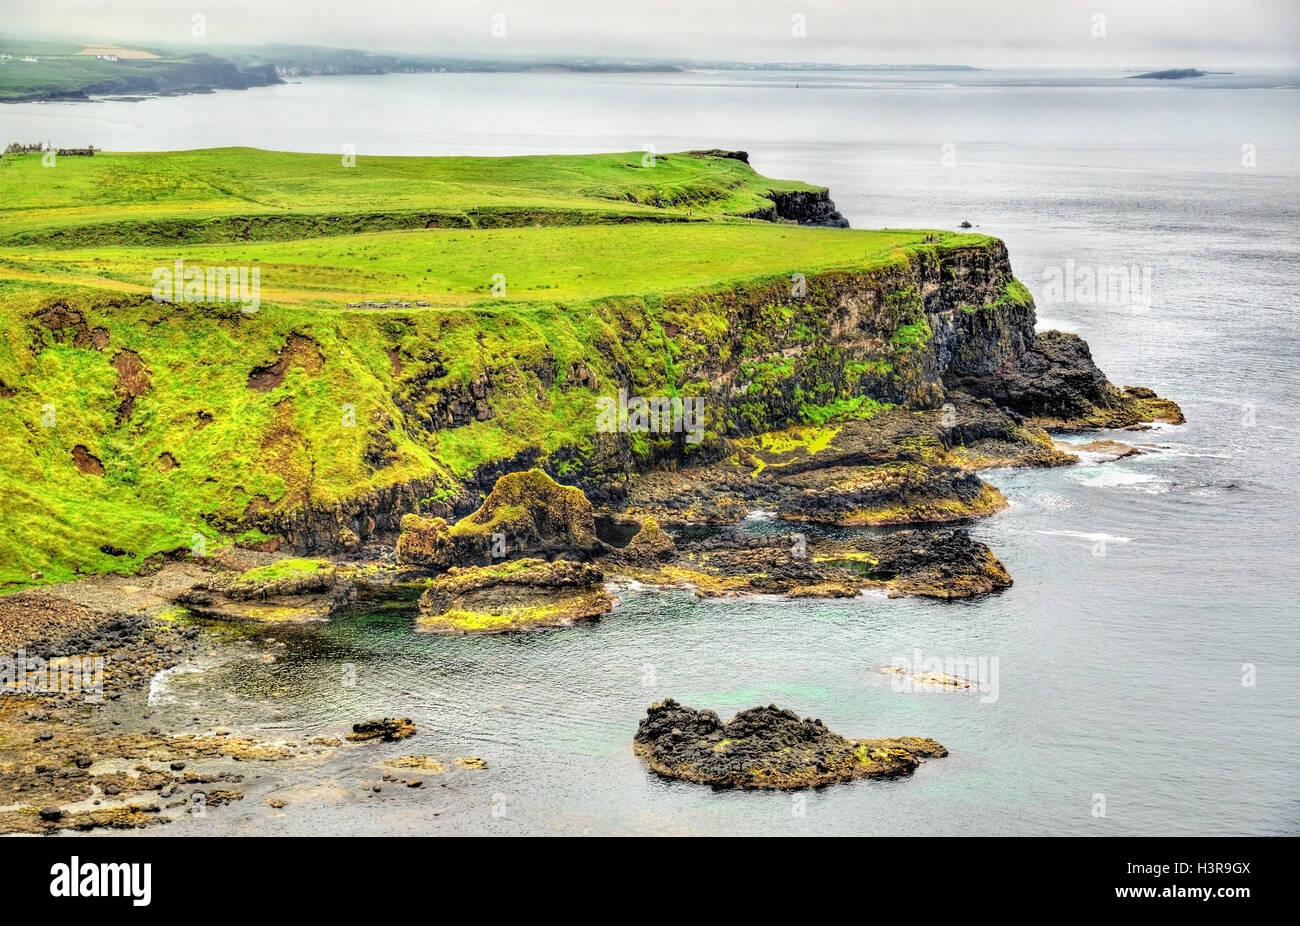 Rugged coastline of Ireland island near Ballintoy - Stock Image